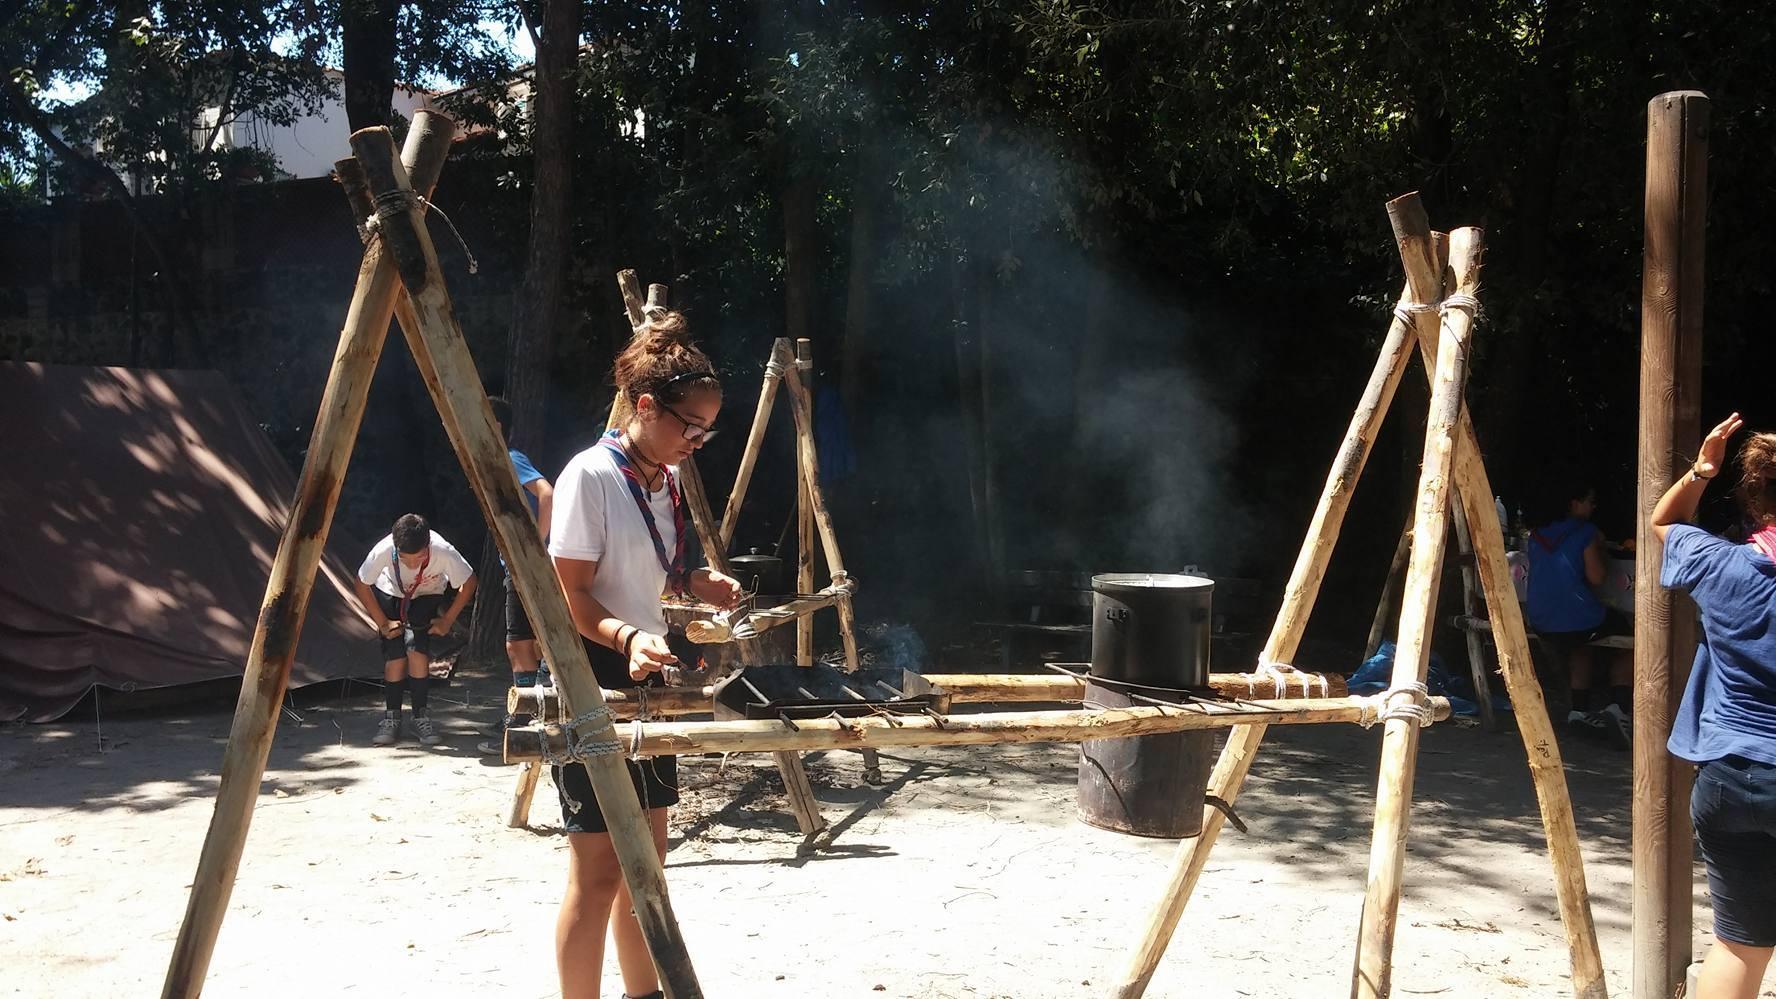 Da Monteforte Irpino A Ischia La Settimana Dei Boy Scout Ilgolfo24